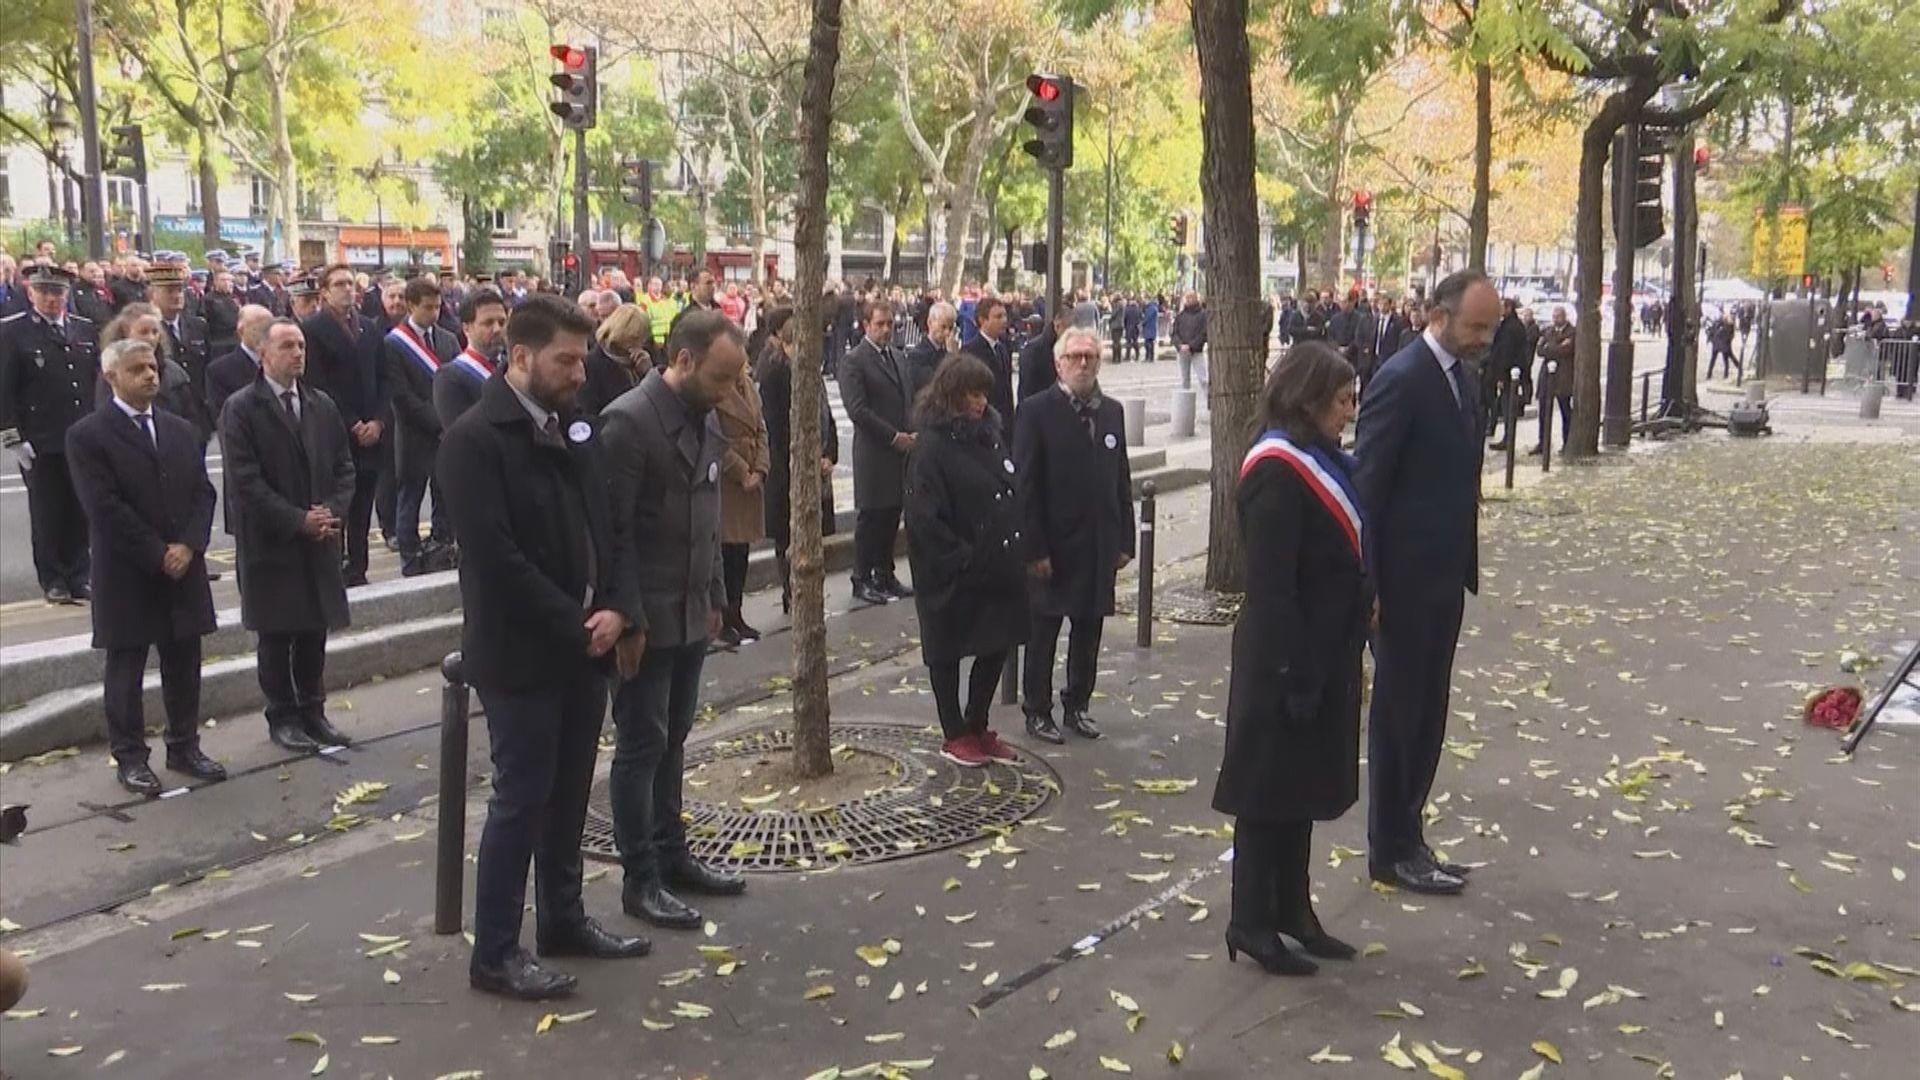 法國悼念三年前巴黎連環恐襲死者